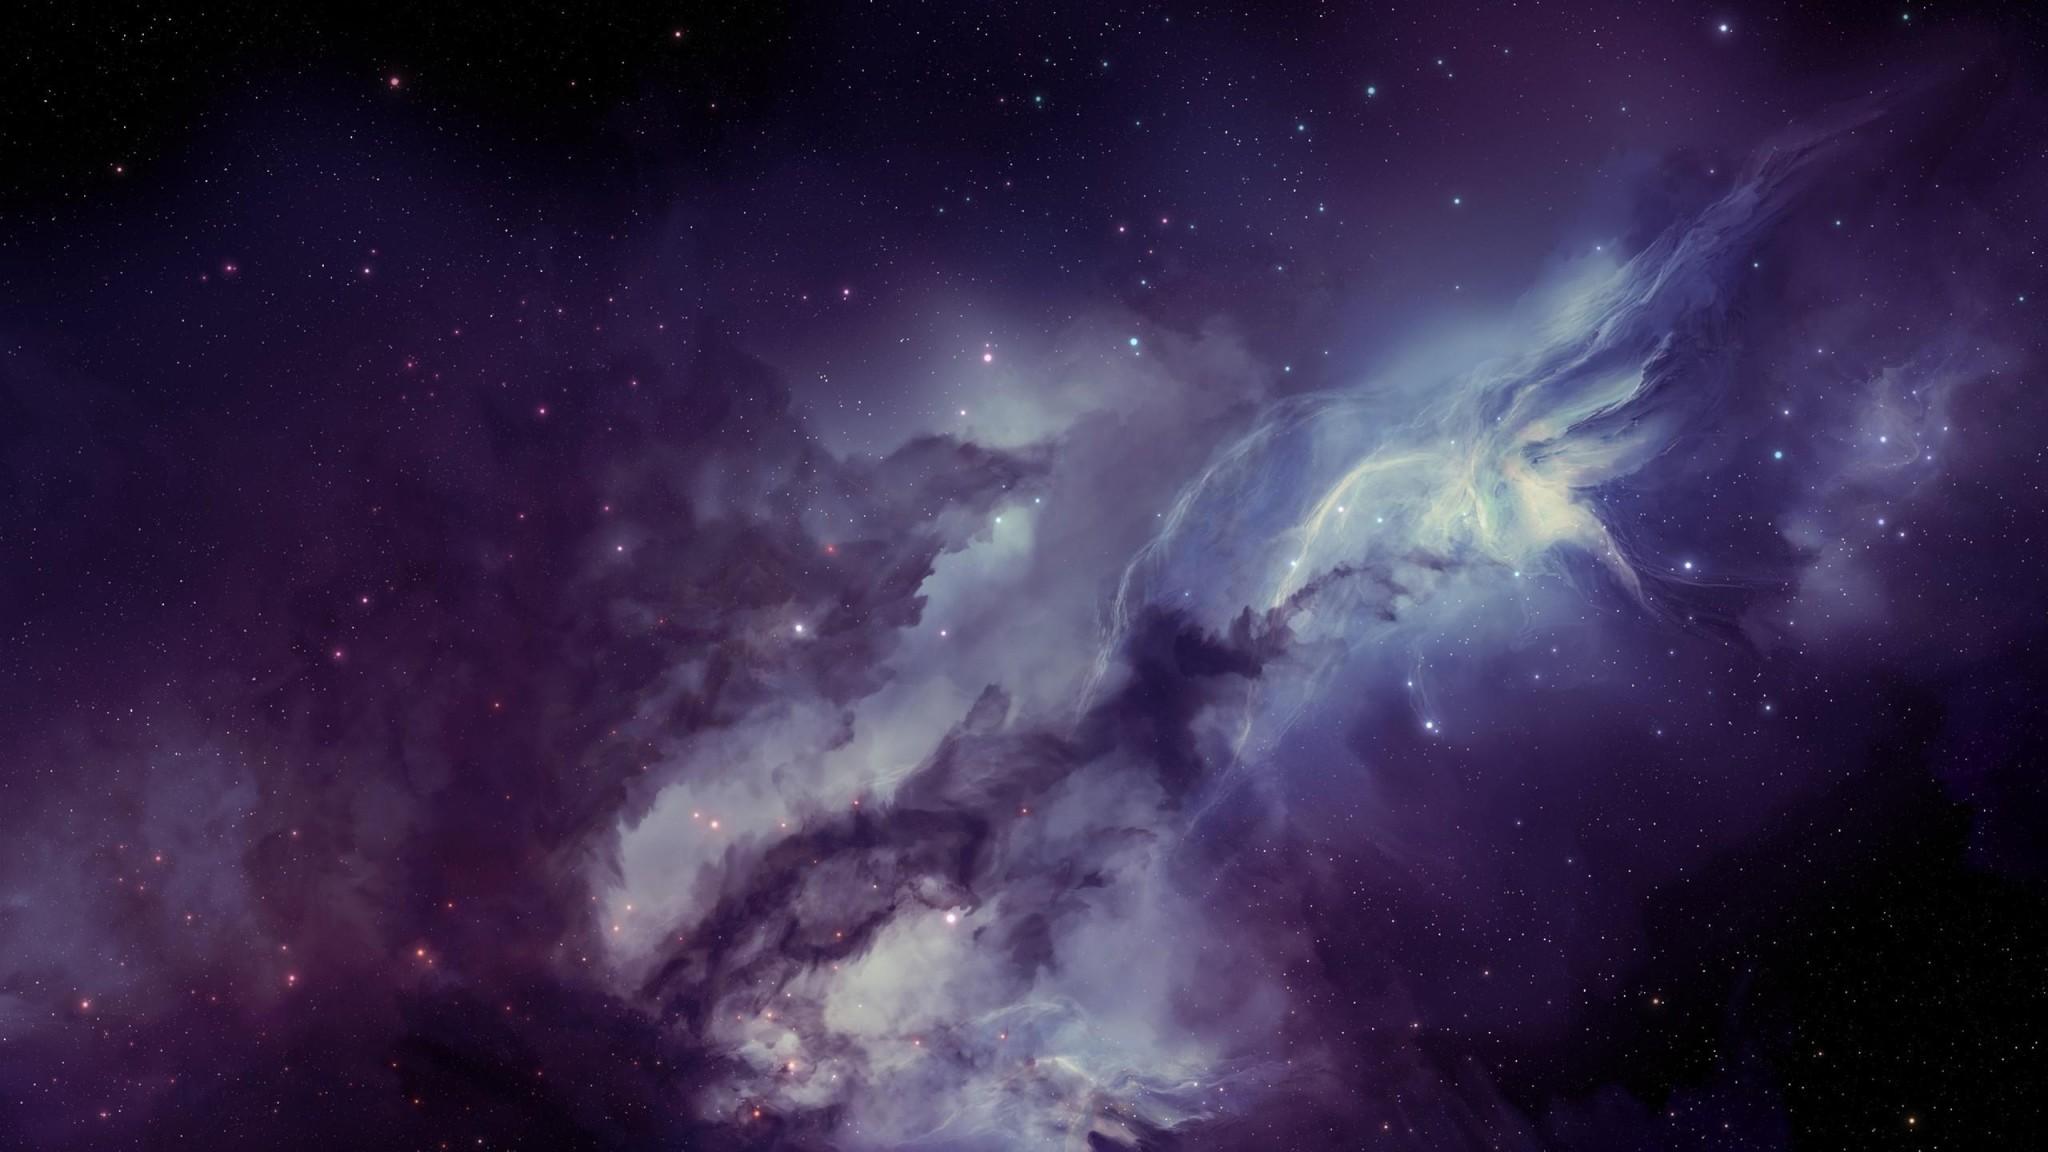 Wallpaper galaxy, nebula, blurring, stars